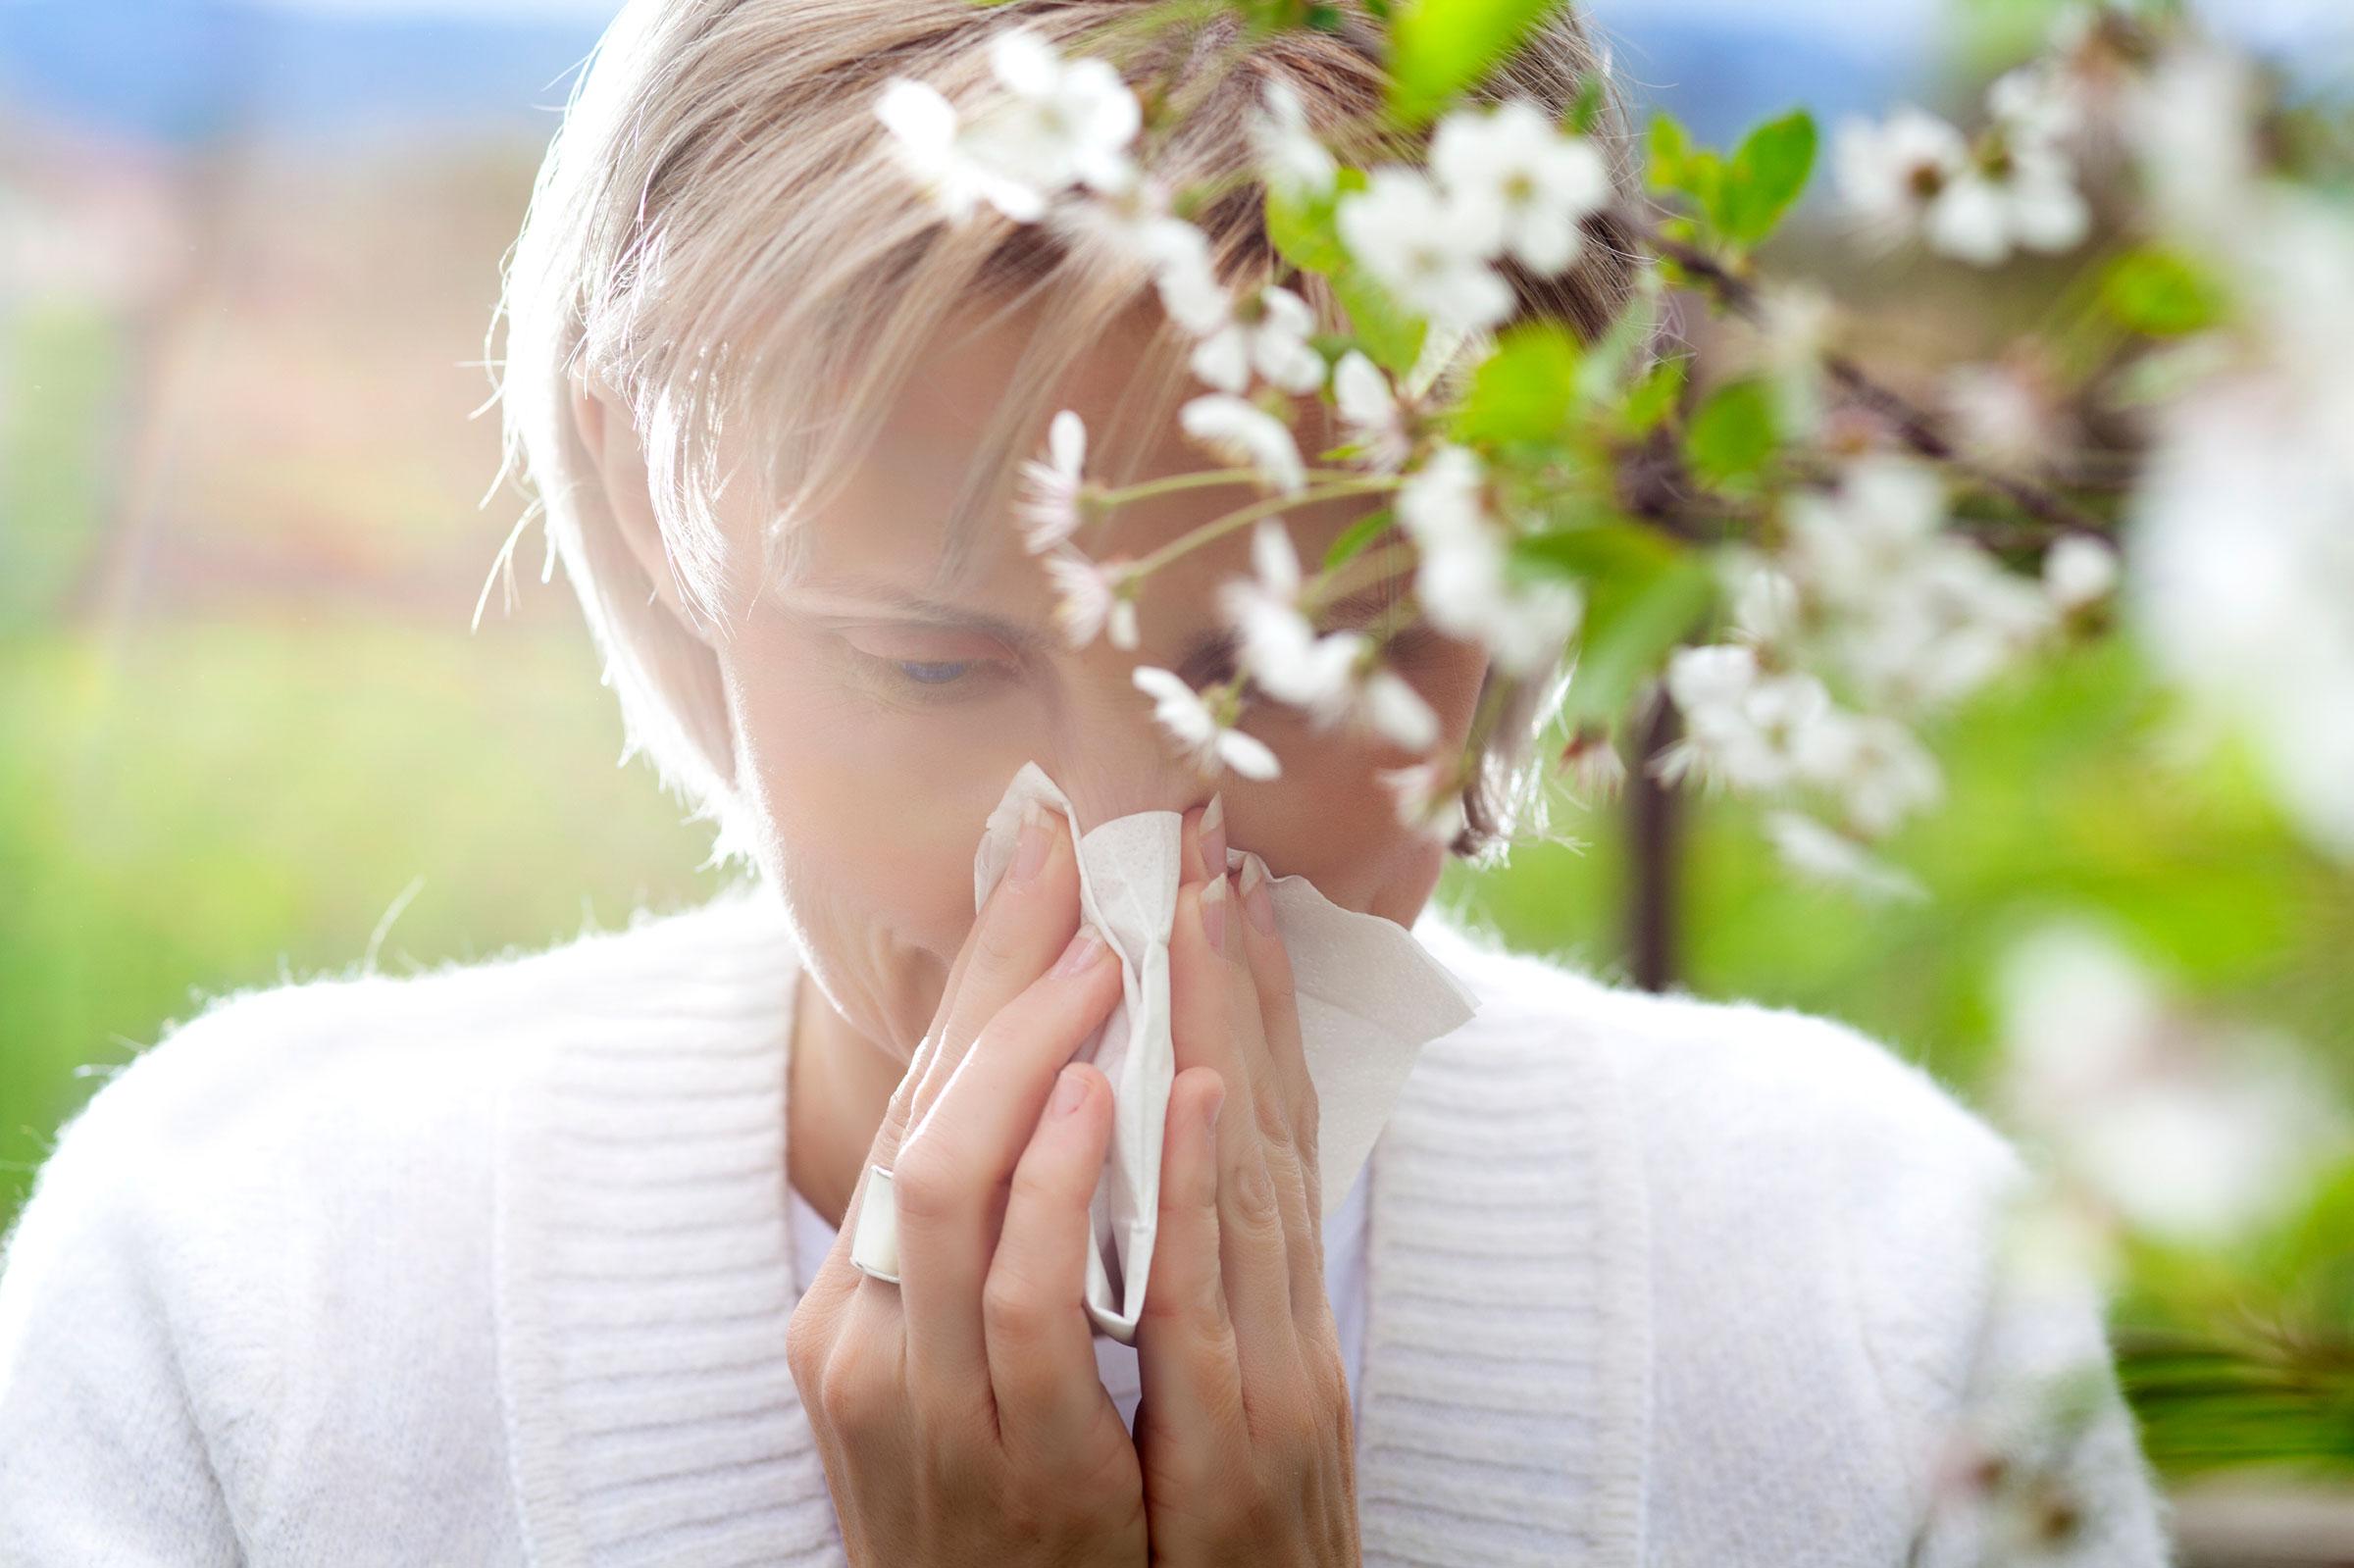 راه های درمان خانگی آلرژی فصلی